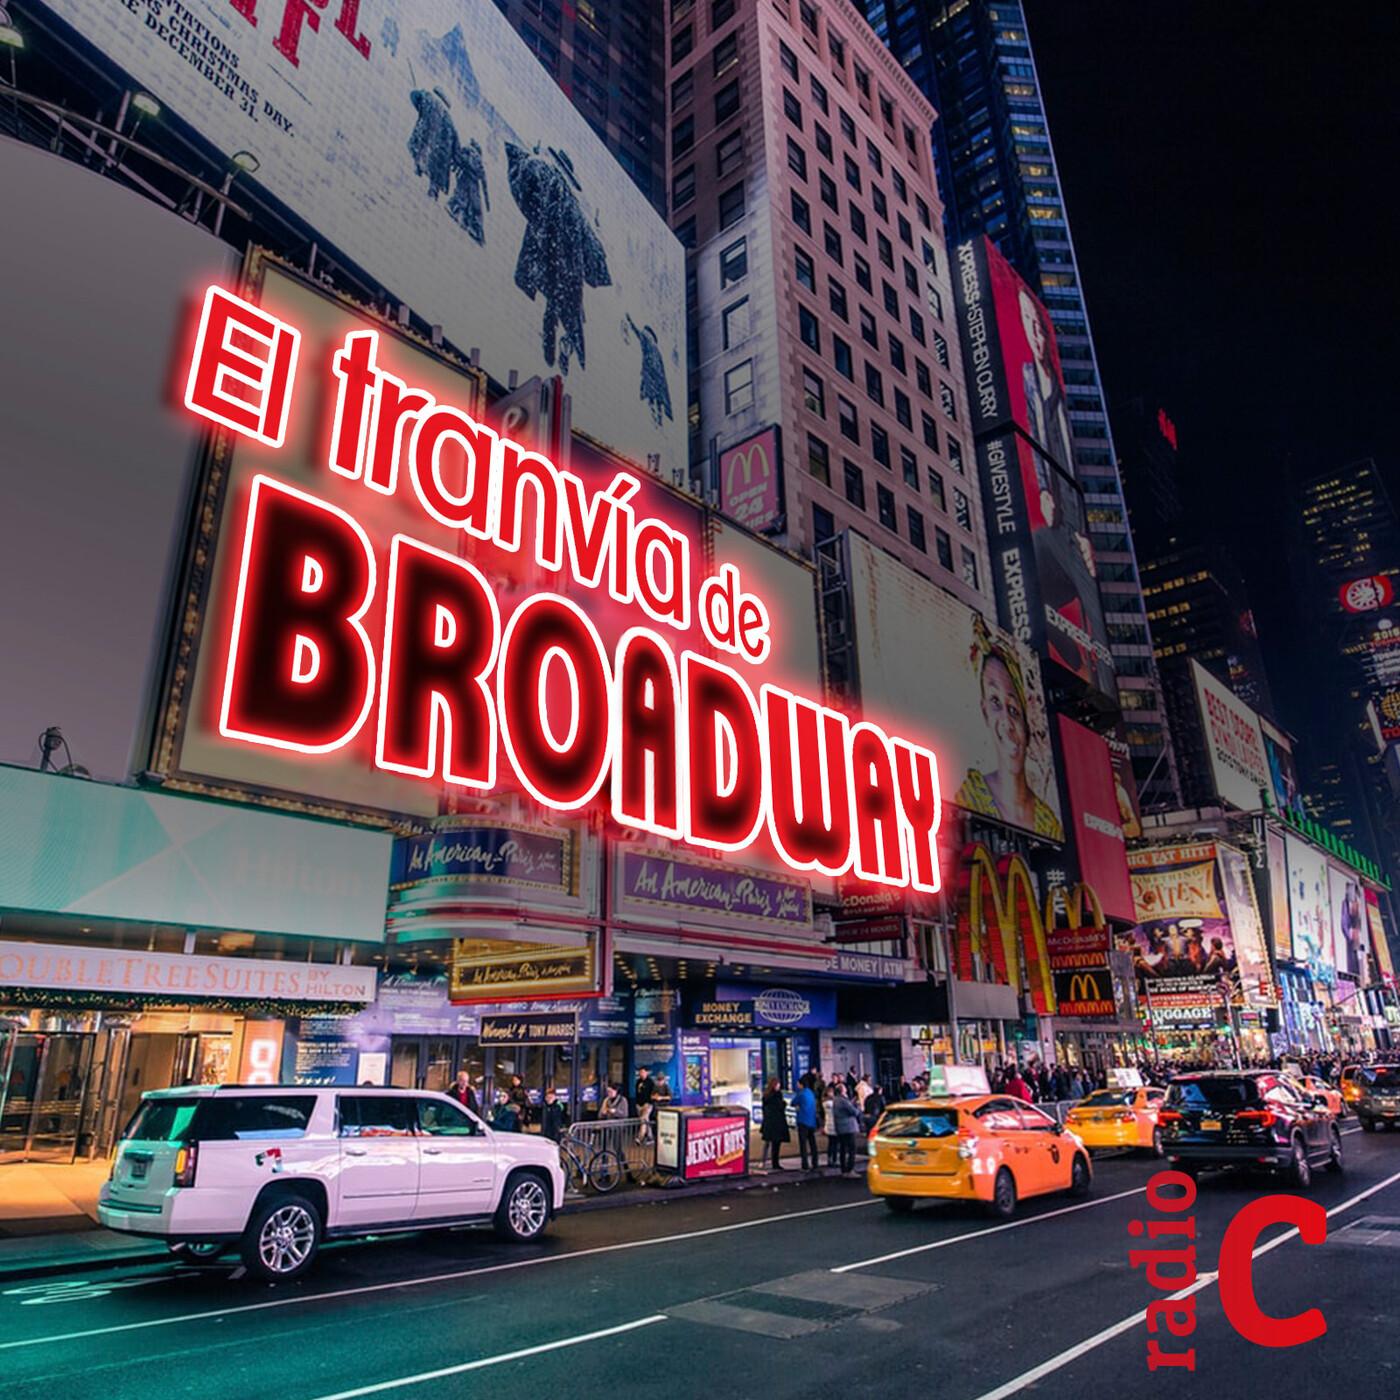 El tranvía de Broadway - El rascacielos de la Música Vol 12. - 18/07/20